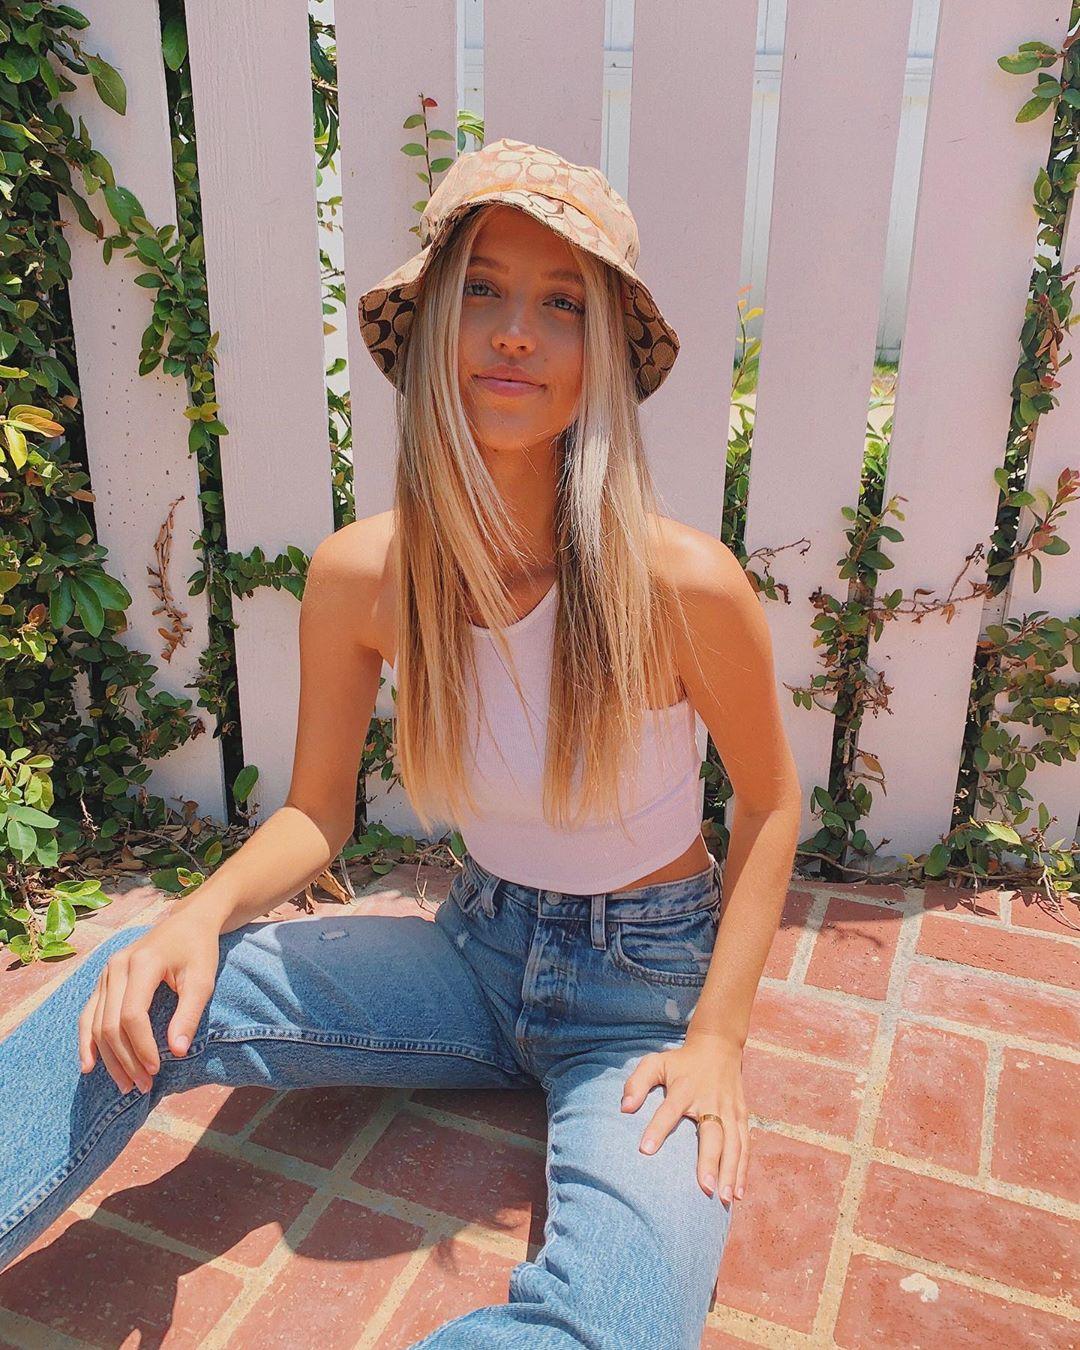 Kaitlynn-Bell-Wallpapers-Insta-Biography-8